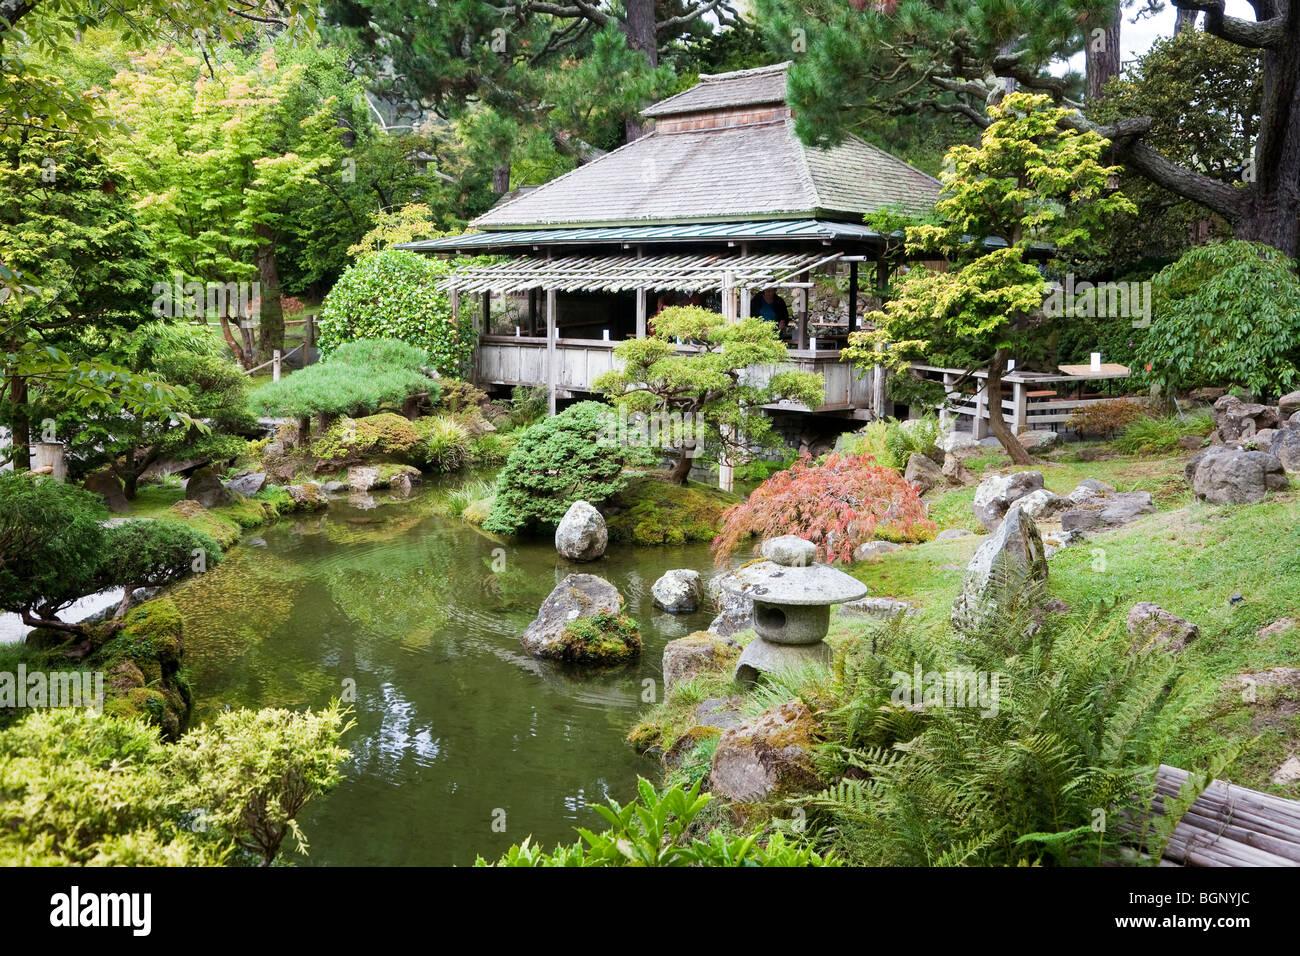 Tea House Japanese Tea Garden Golden Gate Park San Francisco In Stock Photo Royalty Free